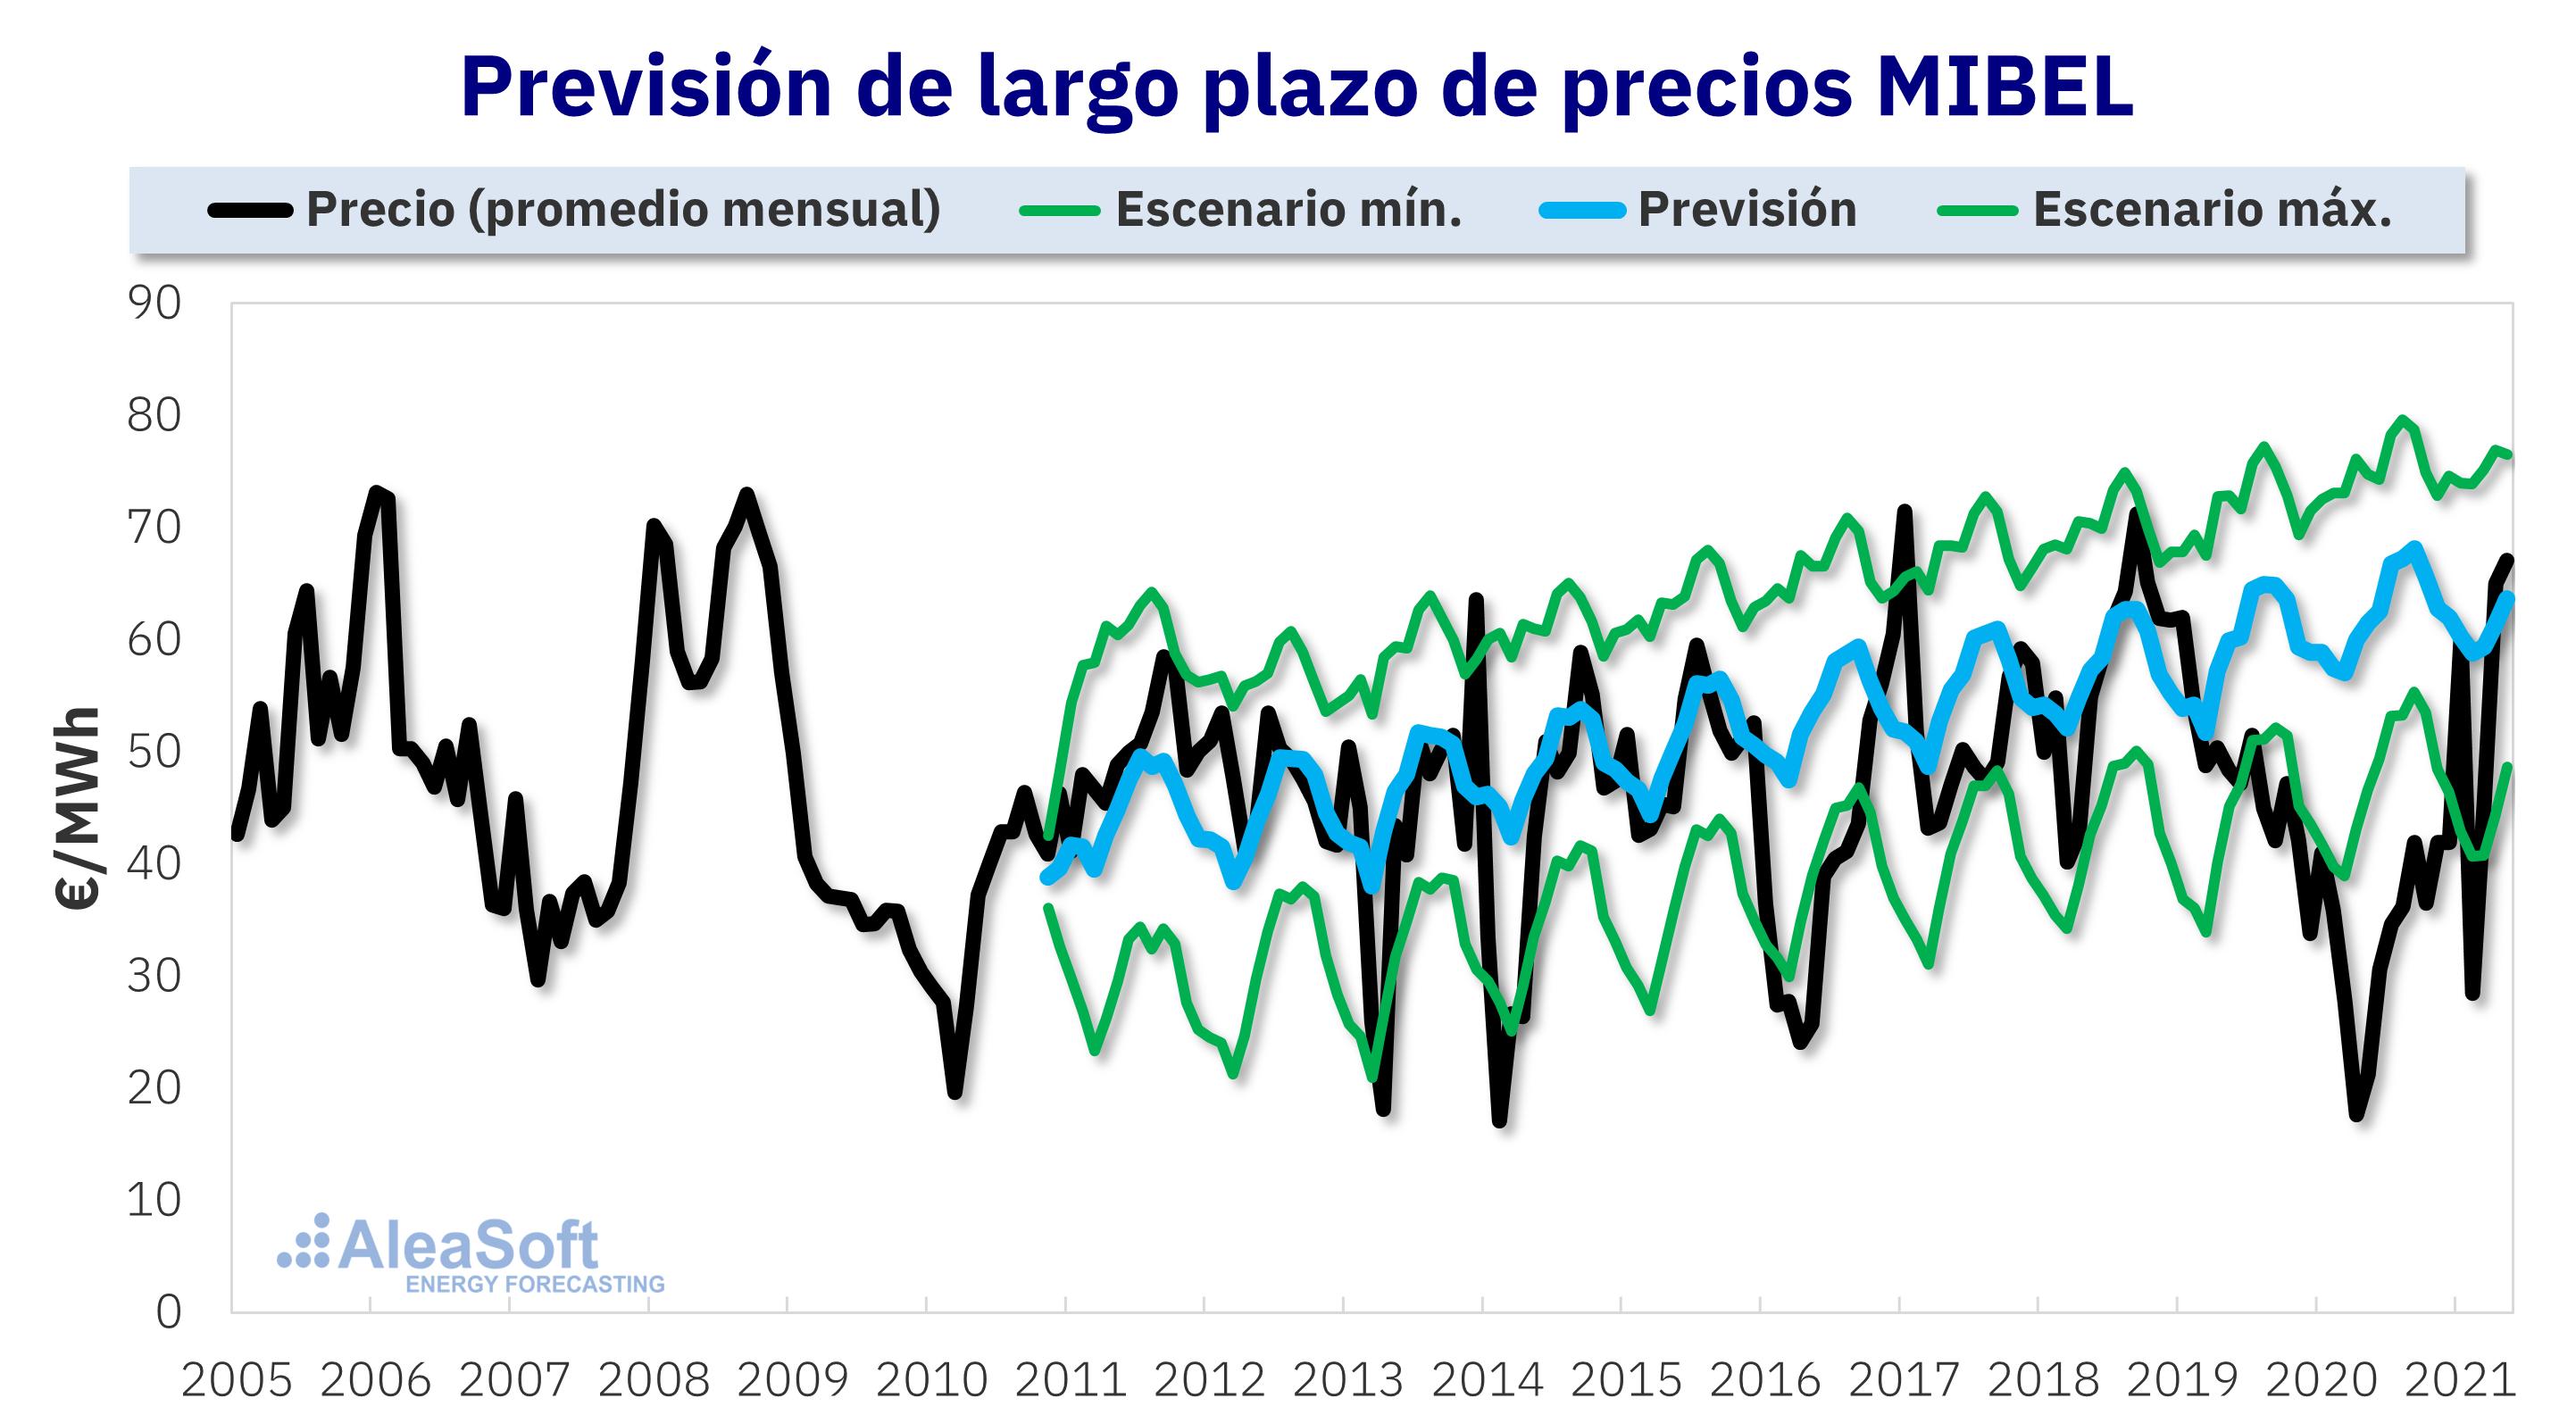 AleaSoft - prevision precios mercado electrico mibel 15 annos